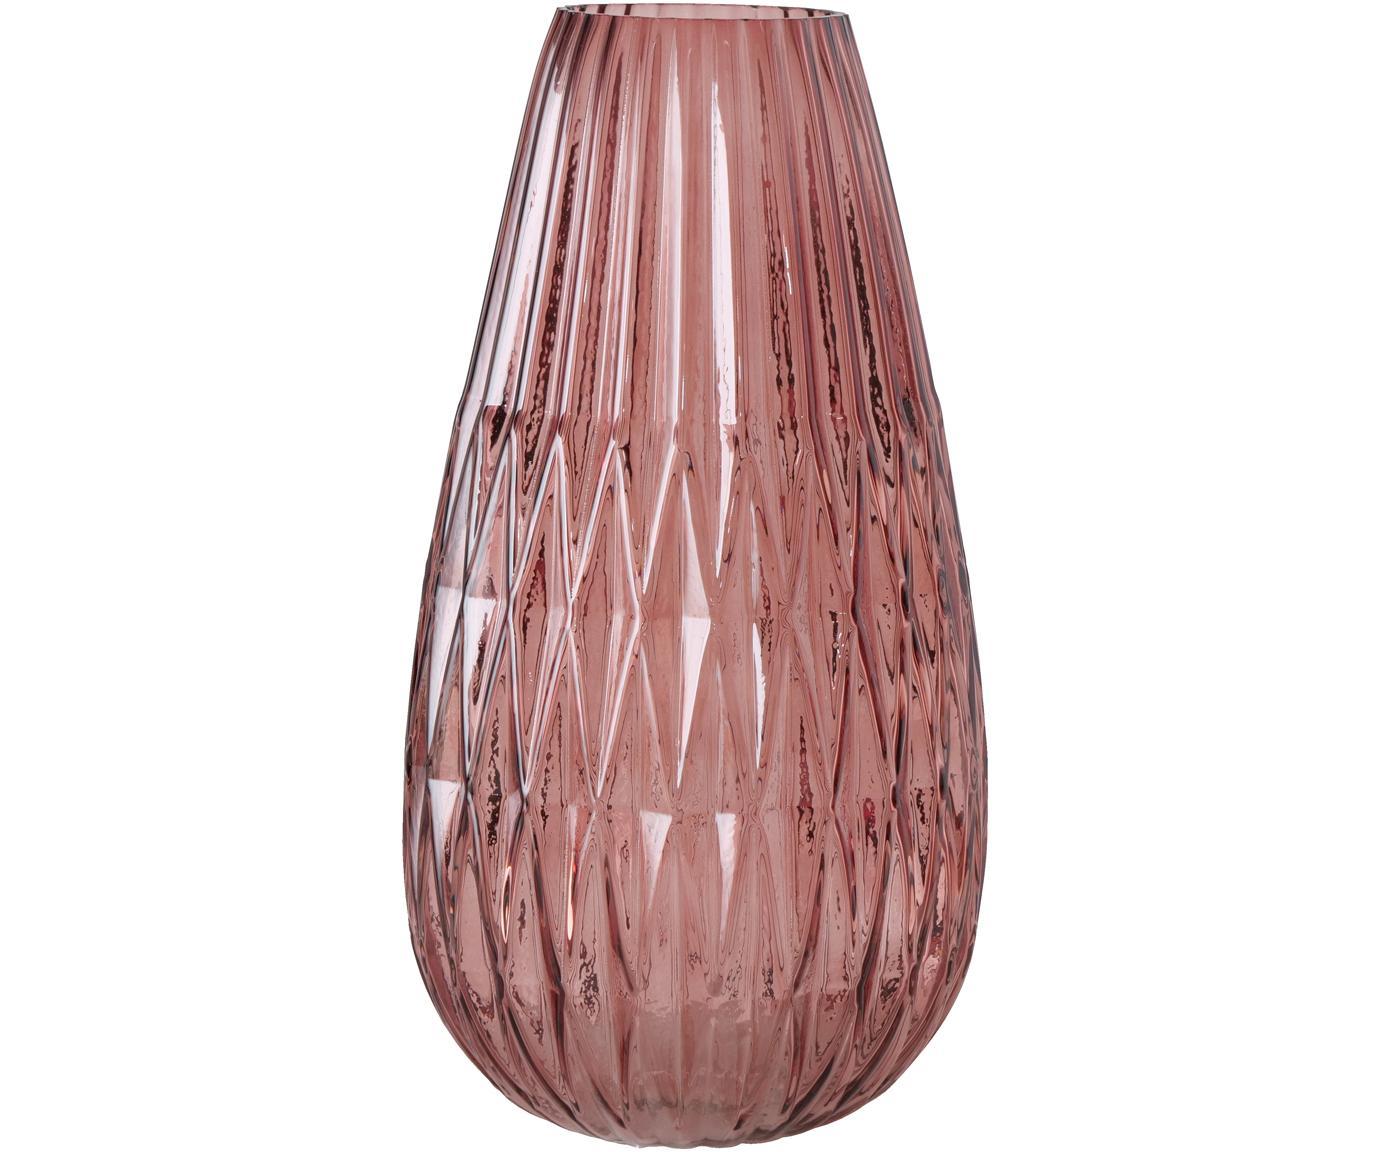 Große Glas-Vase Rubina, Glas, Rosa, Ø 20 x H 36 cm